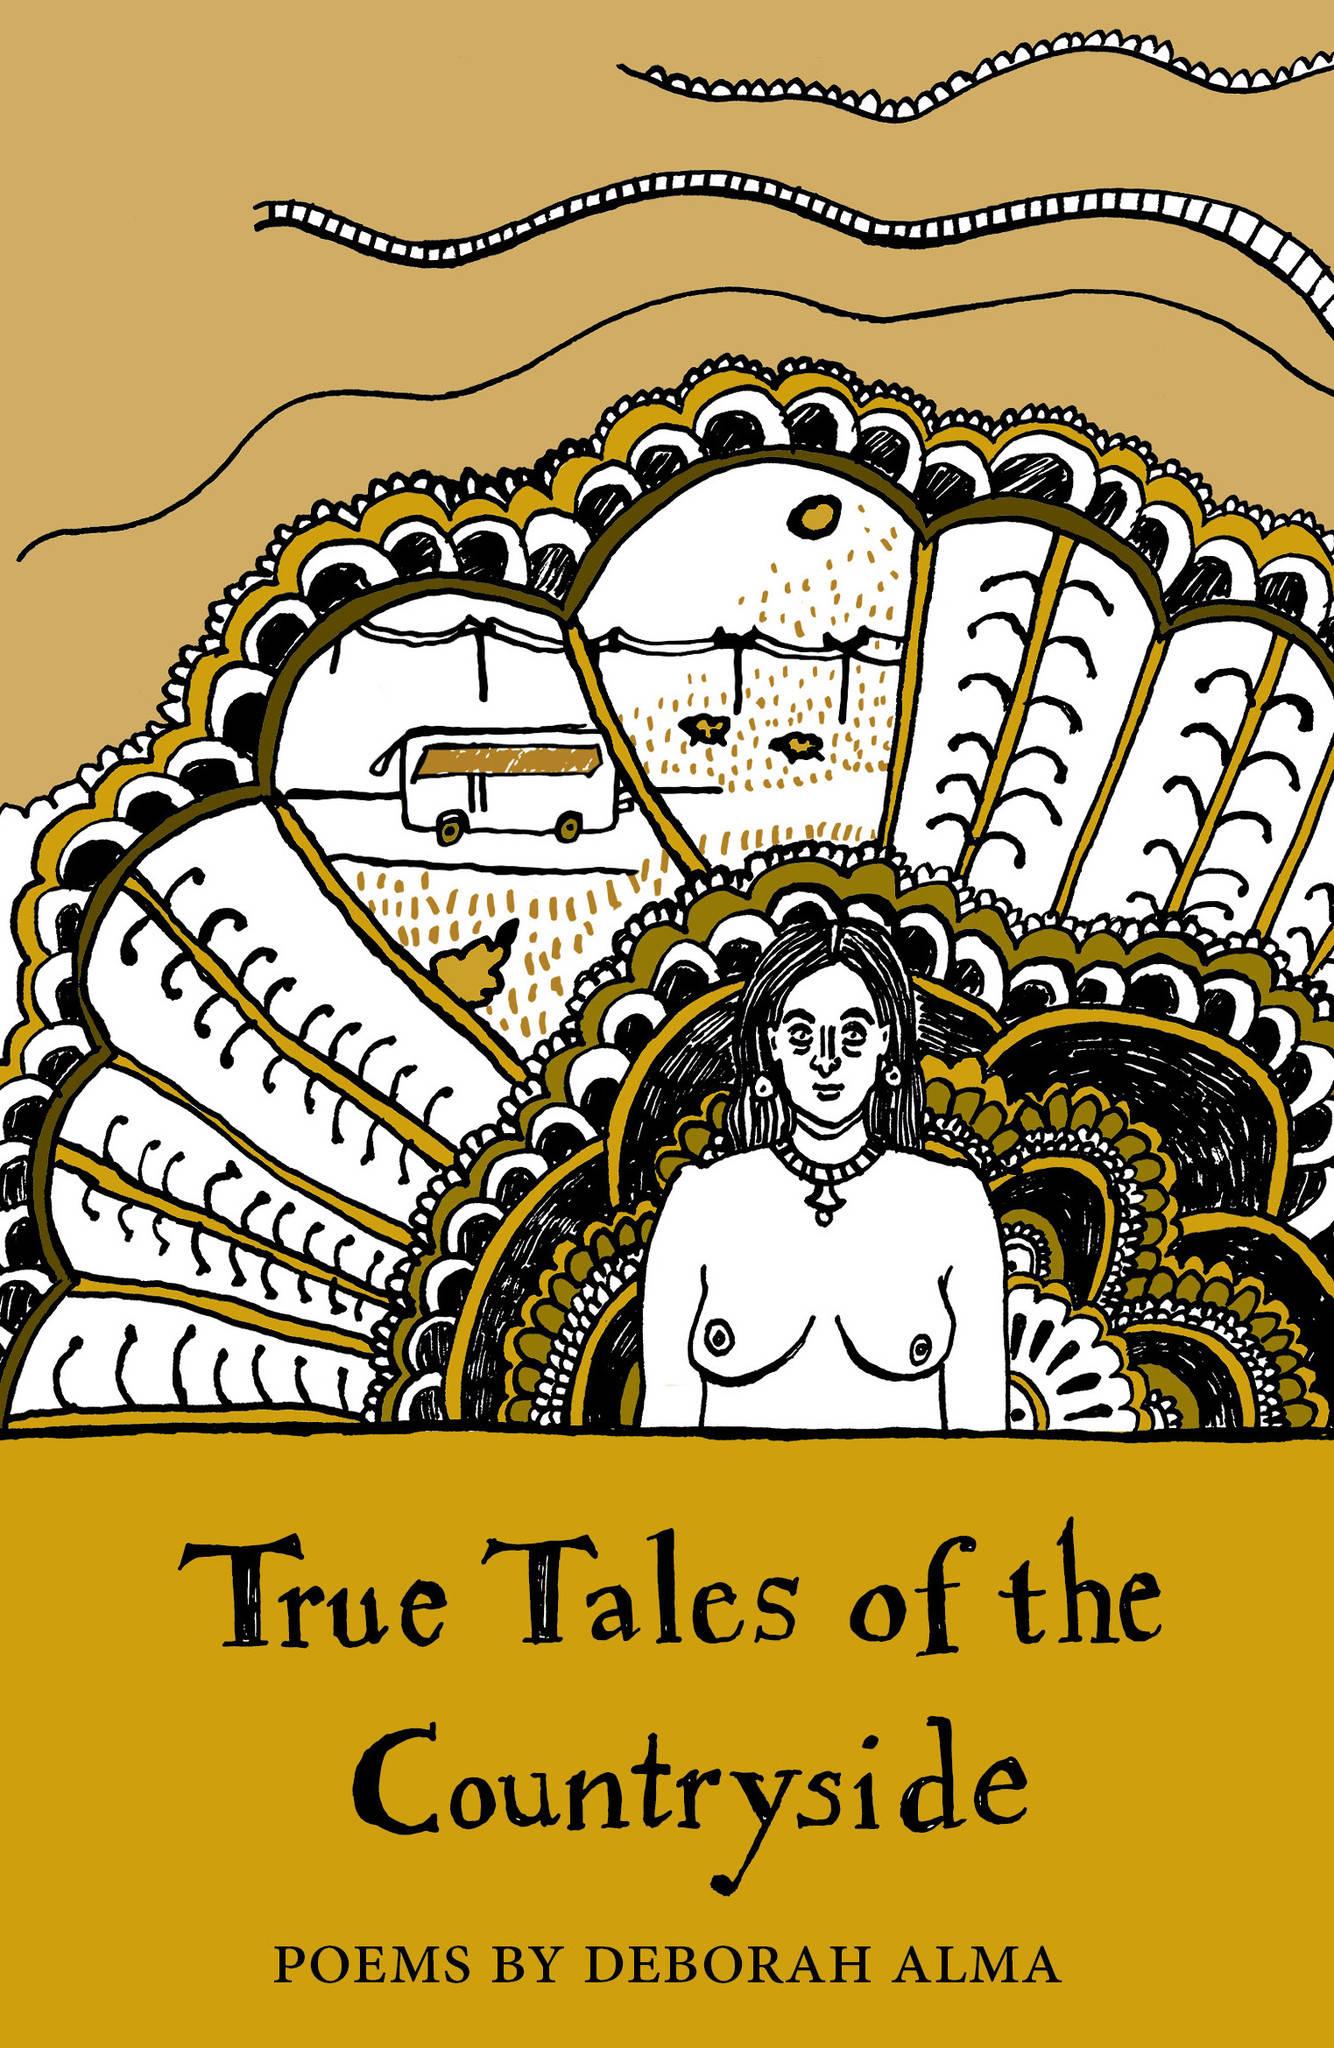 Emma_Press_-_True_Tales